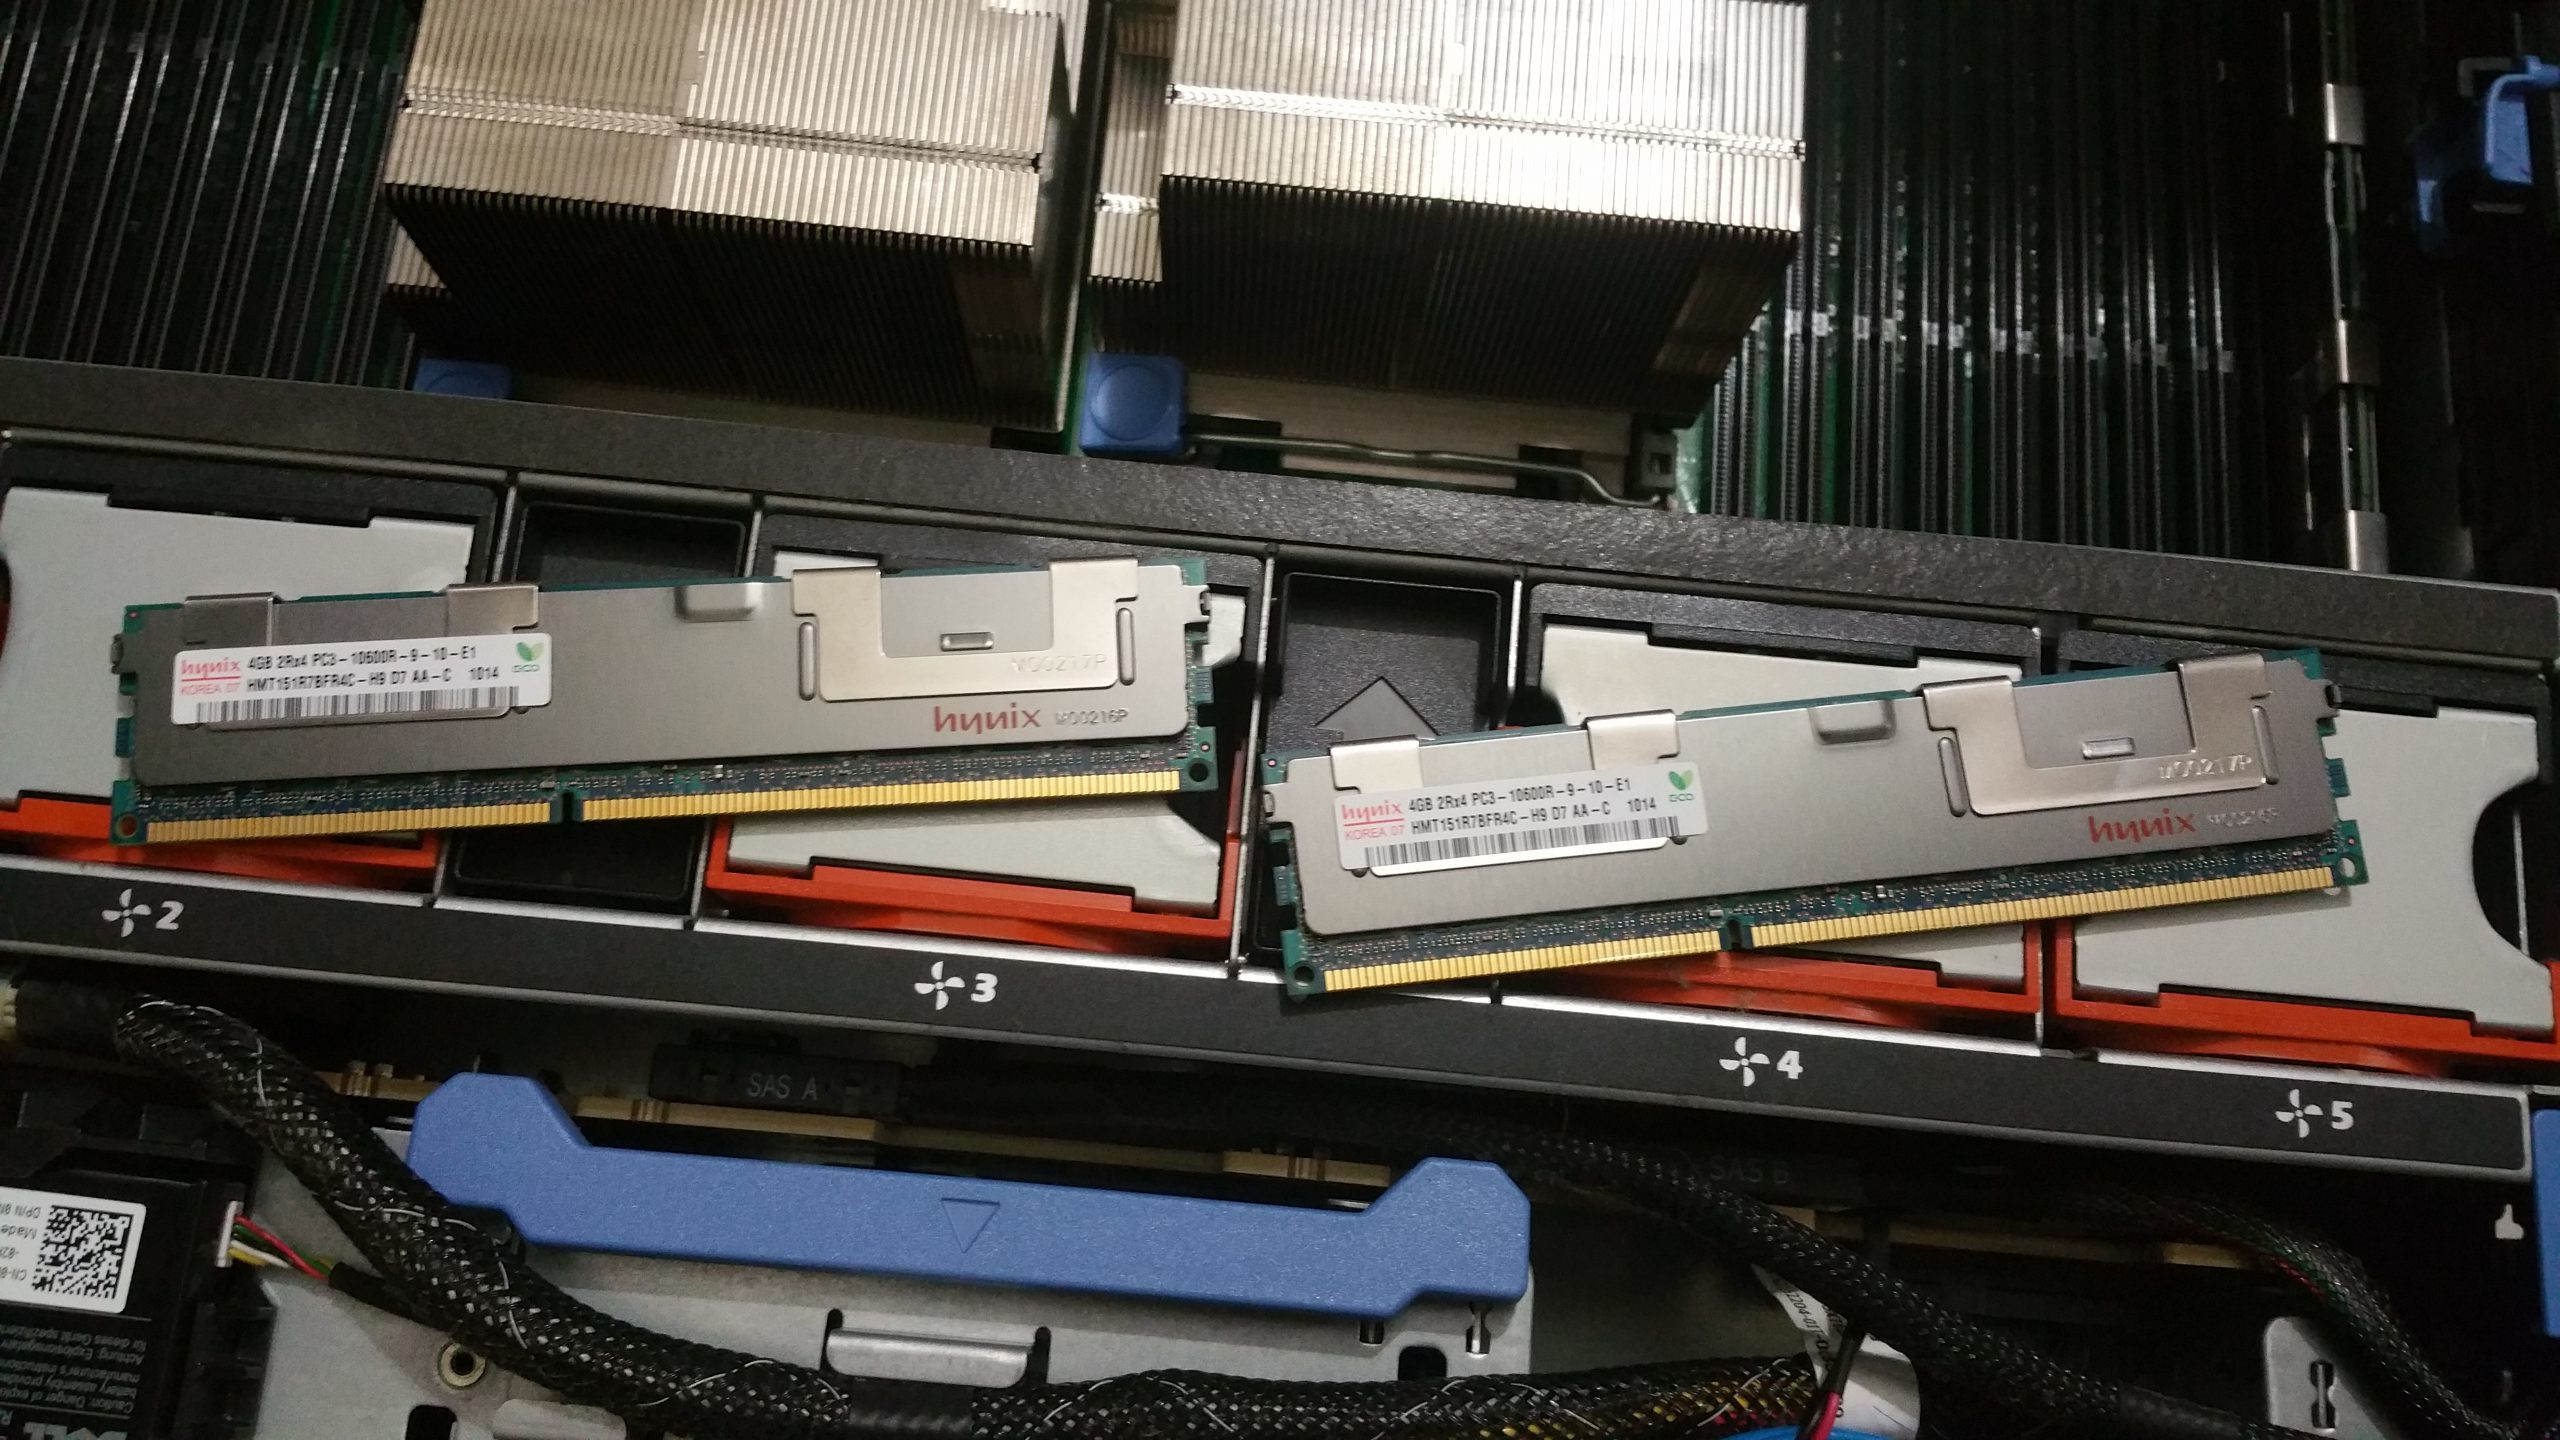 Intel Xeon X5670 - 22